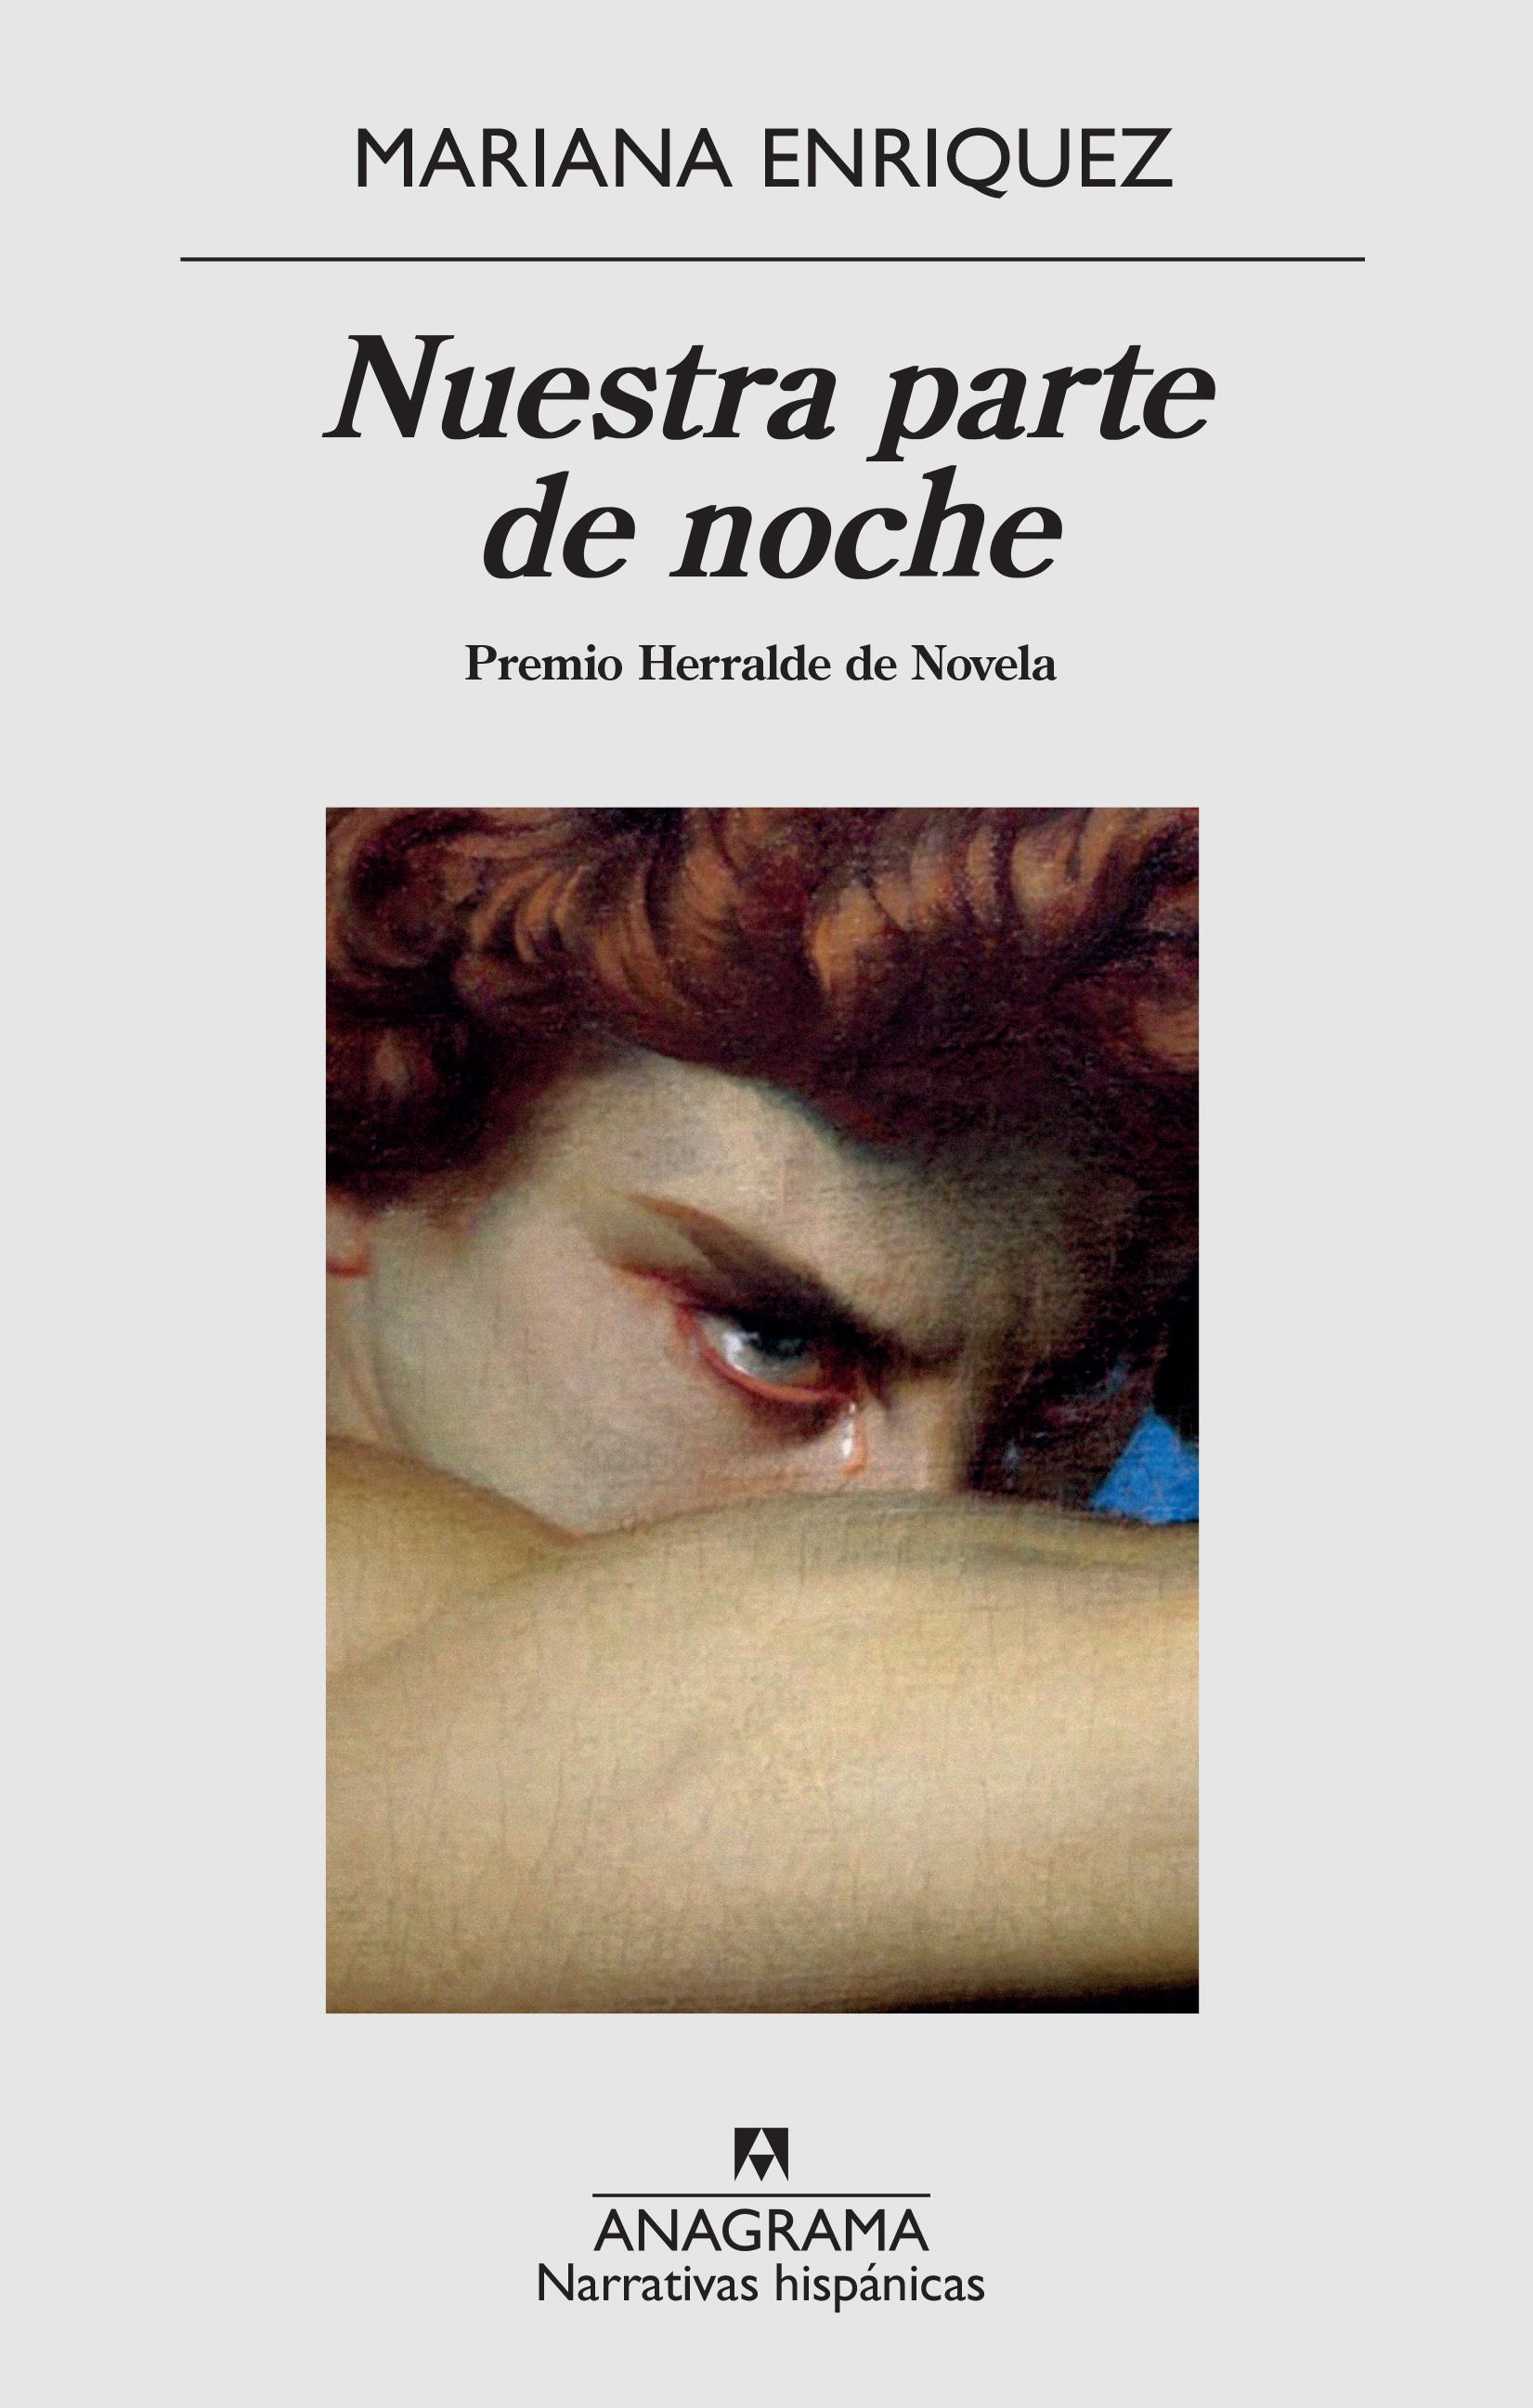 Nuestra parte de noche - Enriquez, Mariana - 978-84-339-9885-9 - Editorial Anagrama